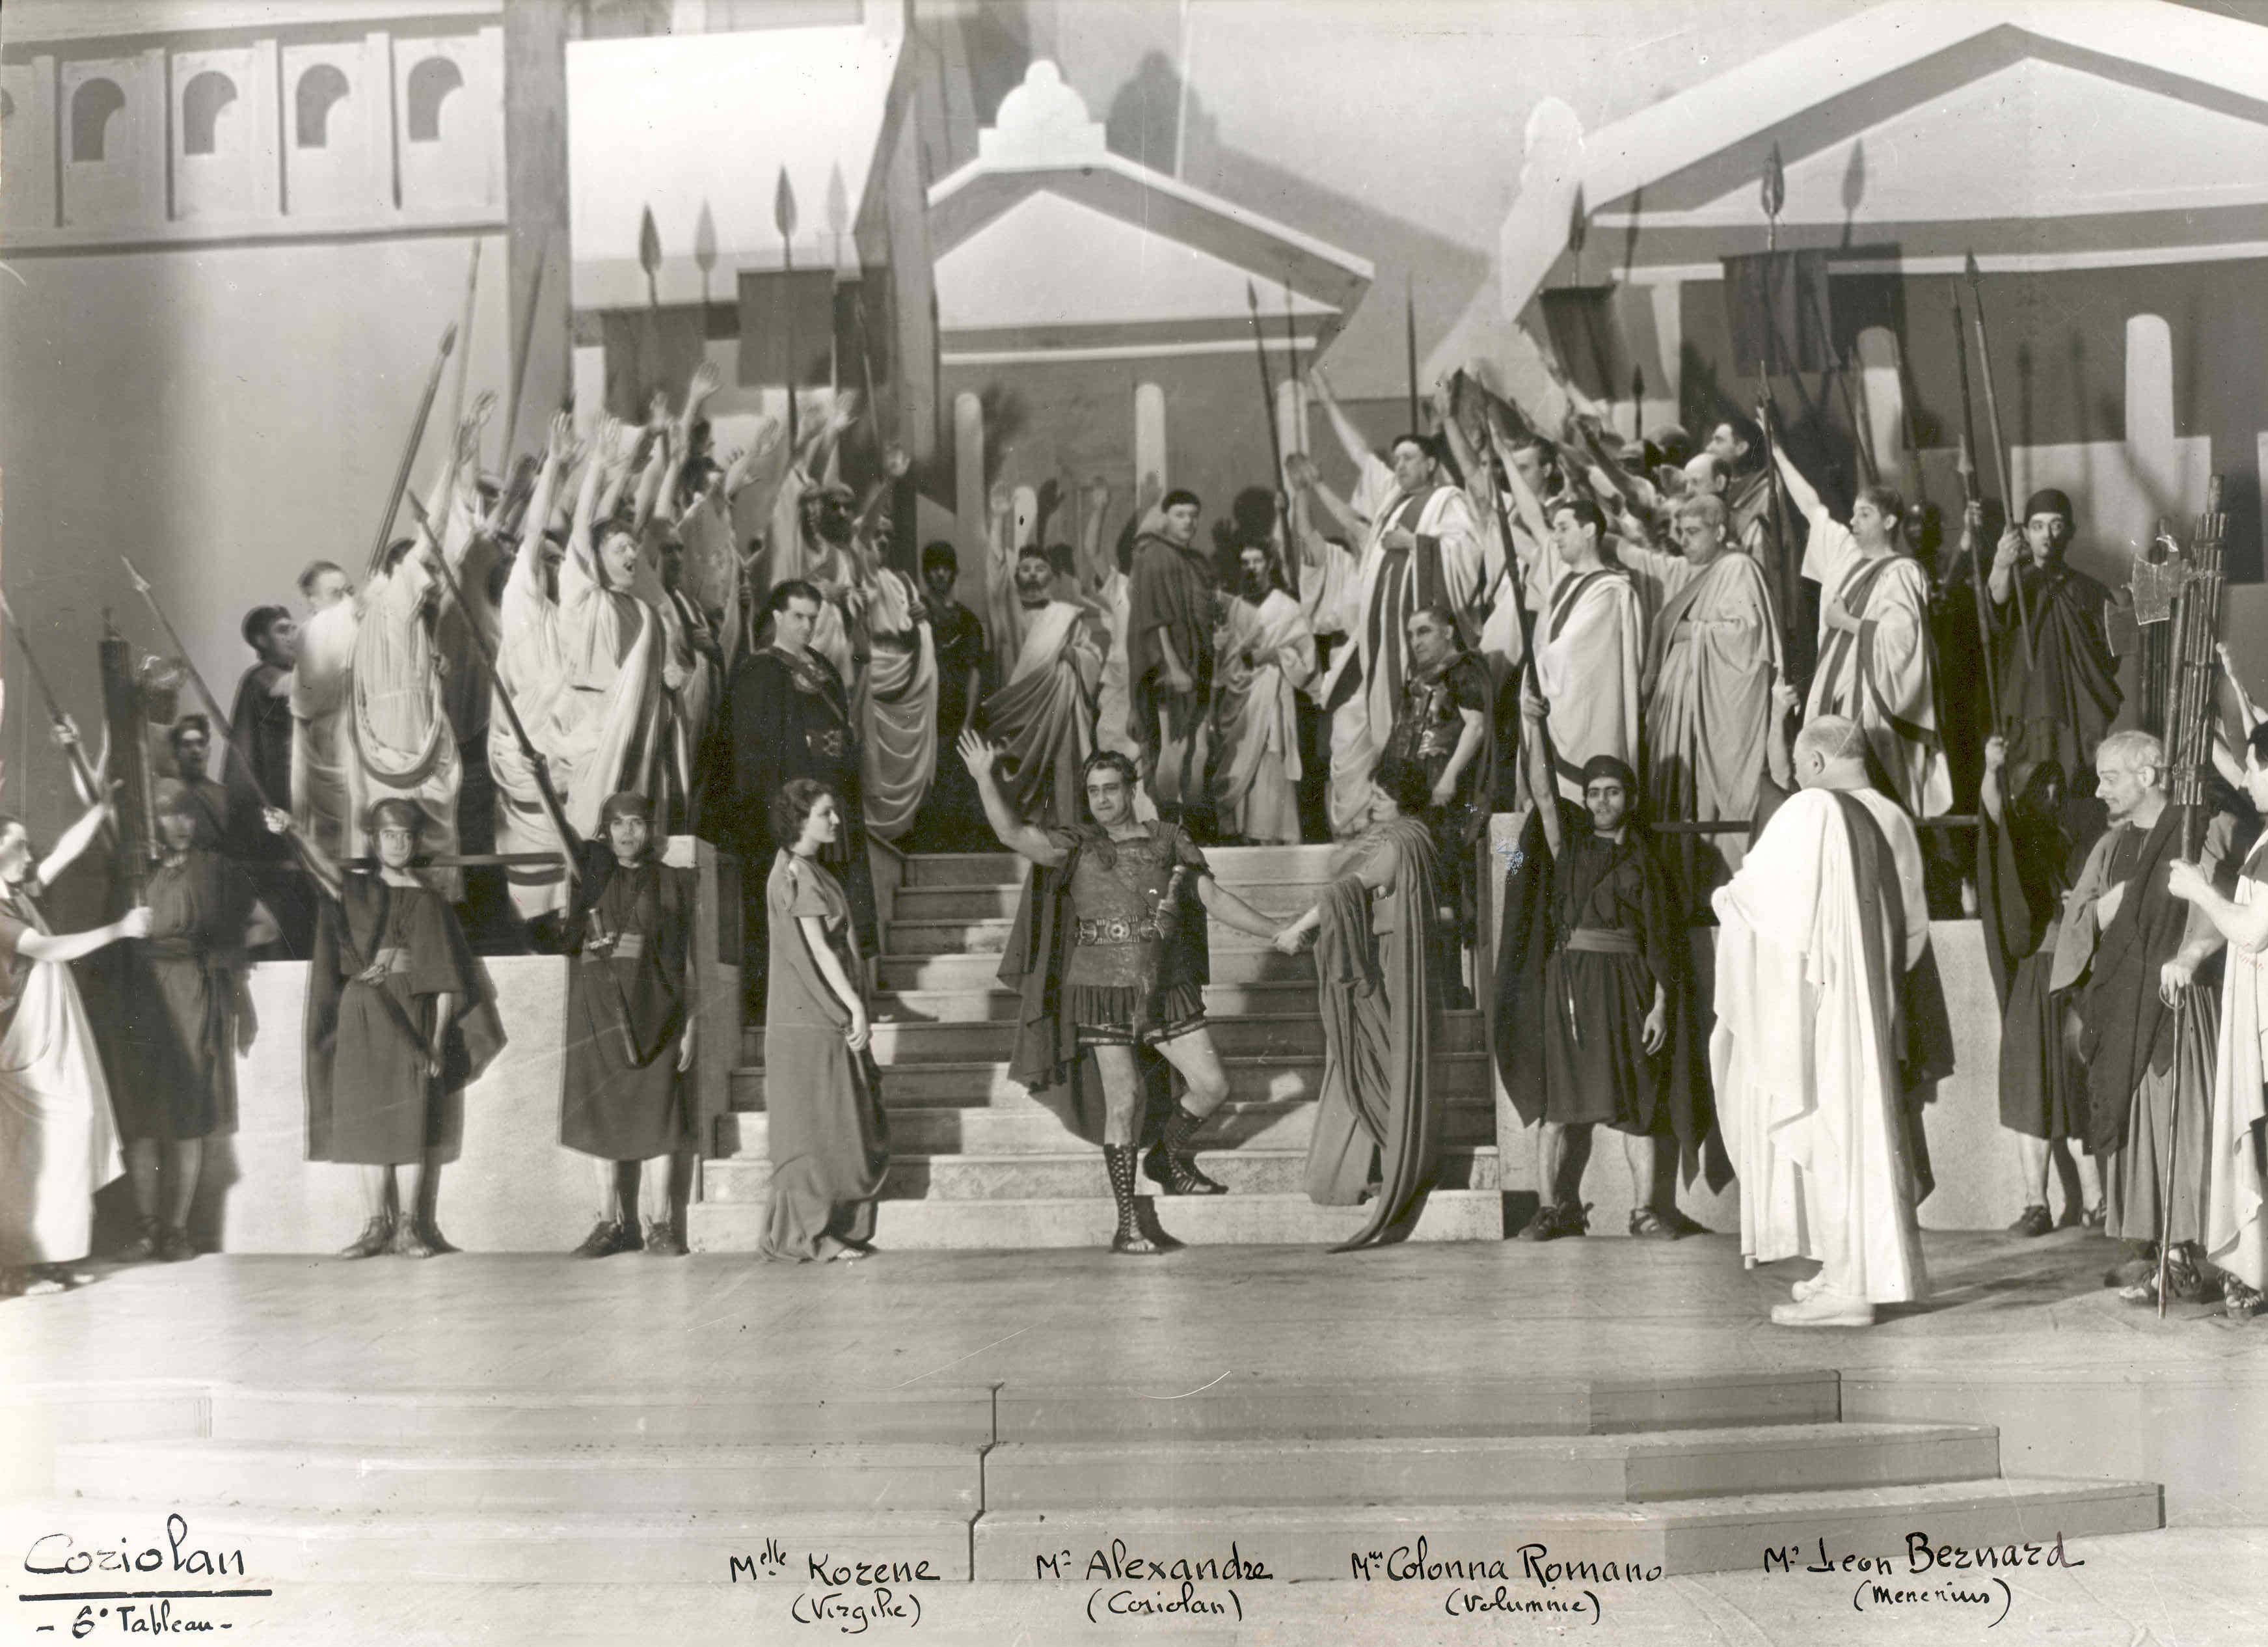 09-coriolan-1933-6e-tableau-photo.-manuel-freres